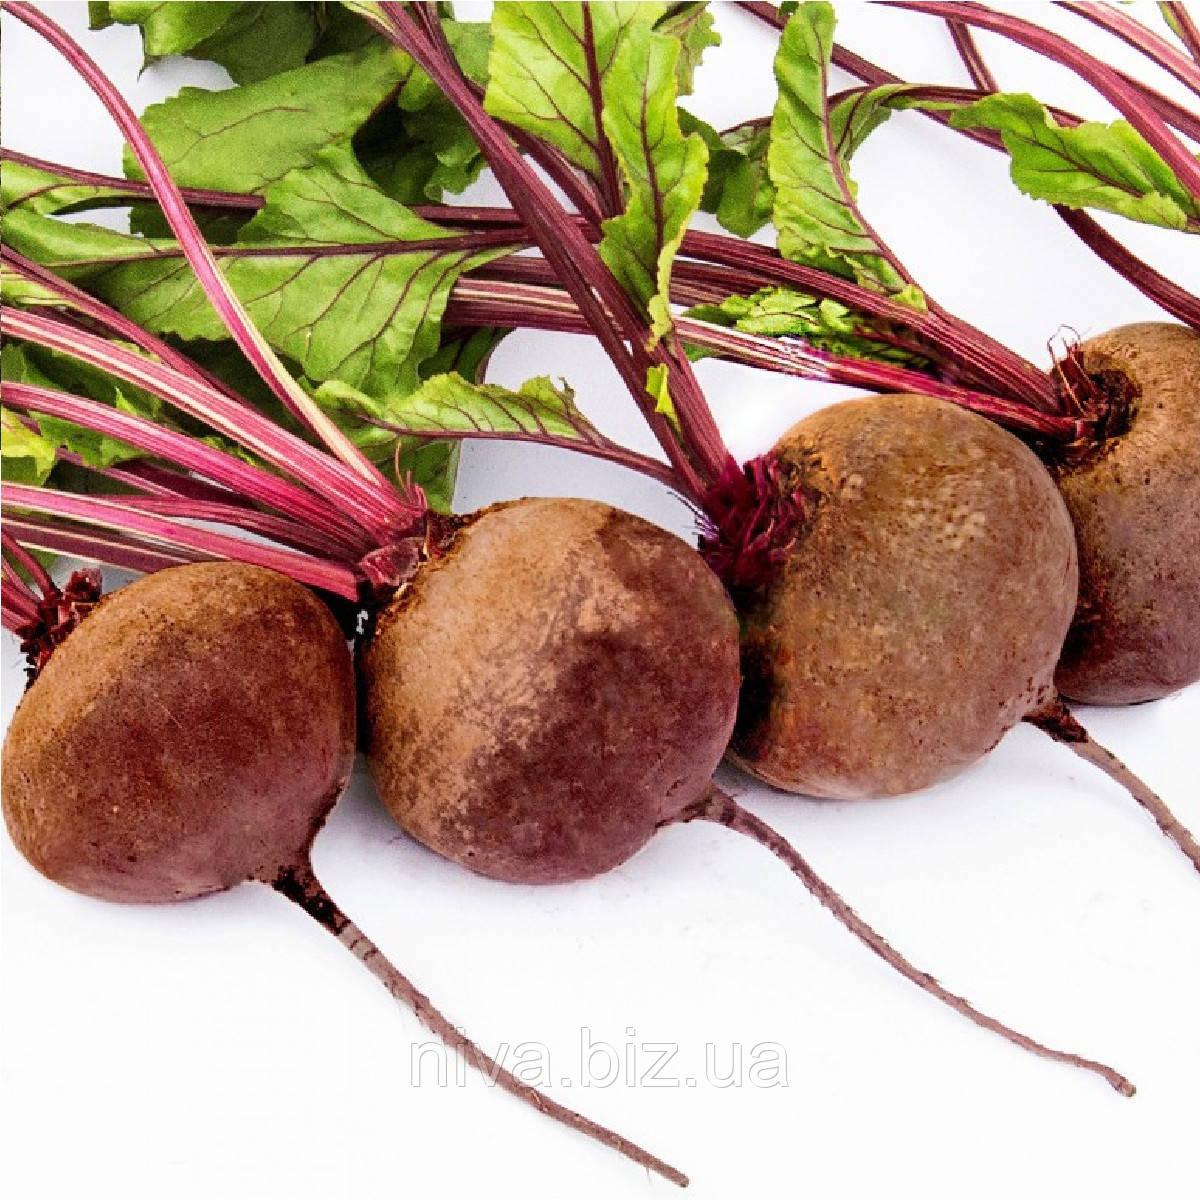 Воєвода F1 насіння буряка столового округлого середньостиглого 110-120 днів Lucky Seed 25 000 насінин